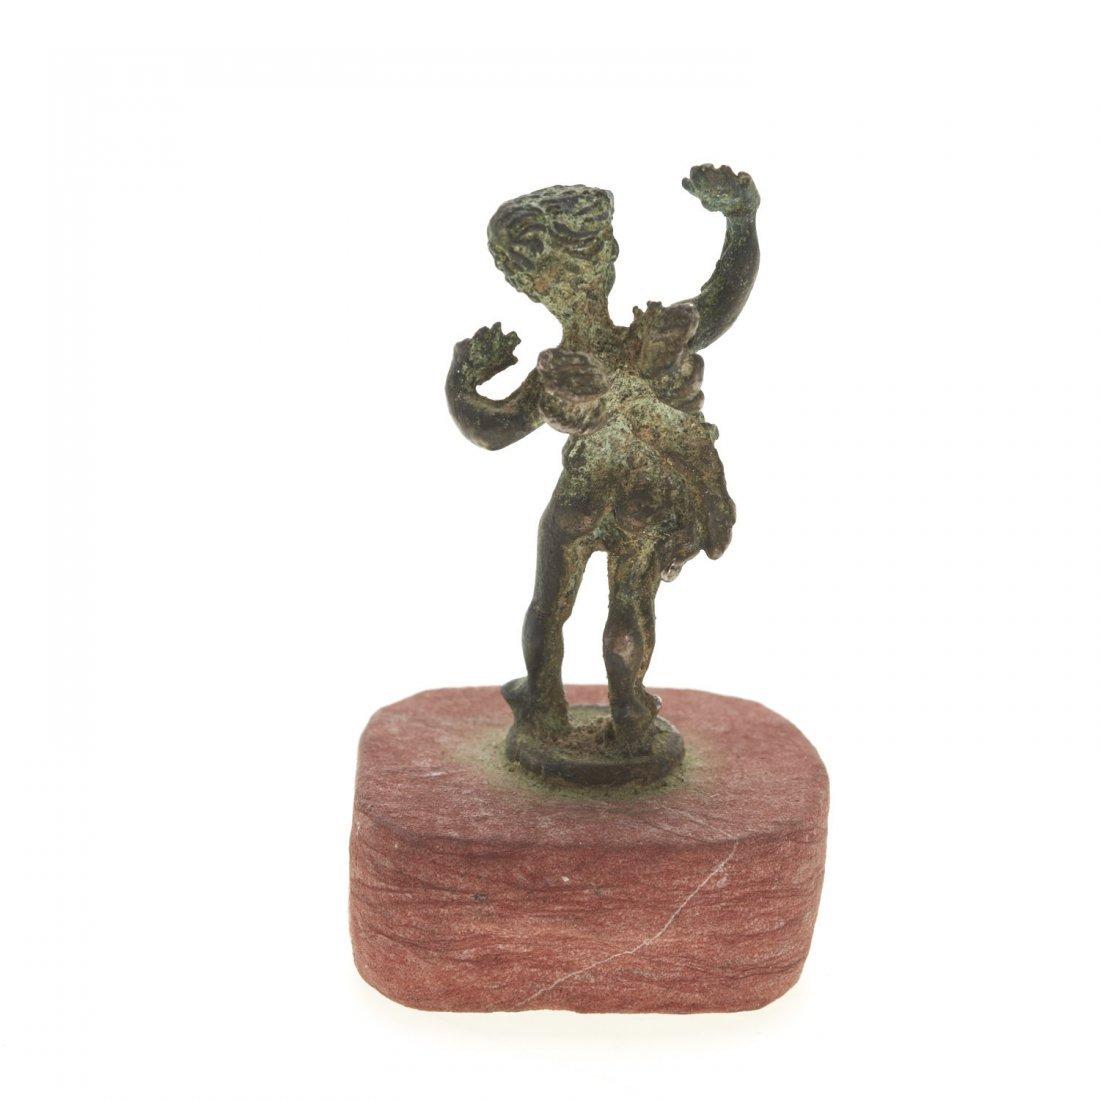 Antique miniature bronze figure of Eros - 4